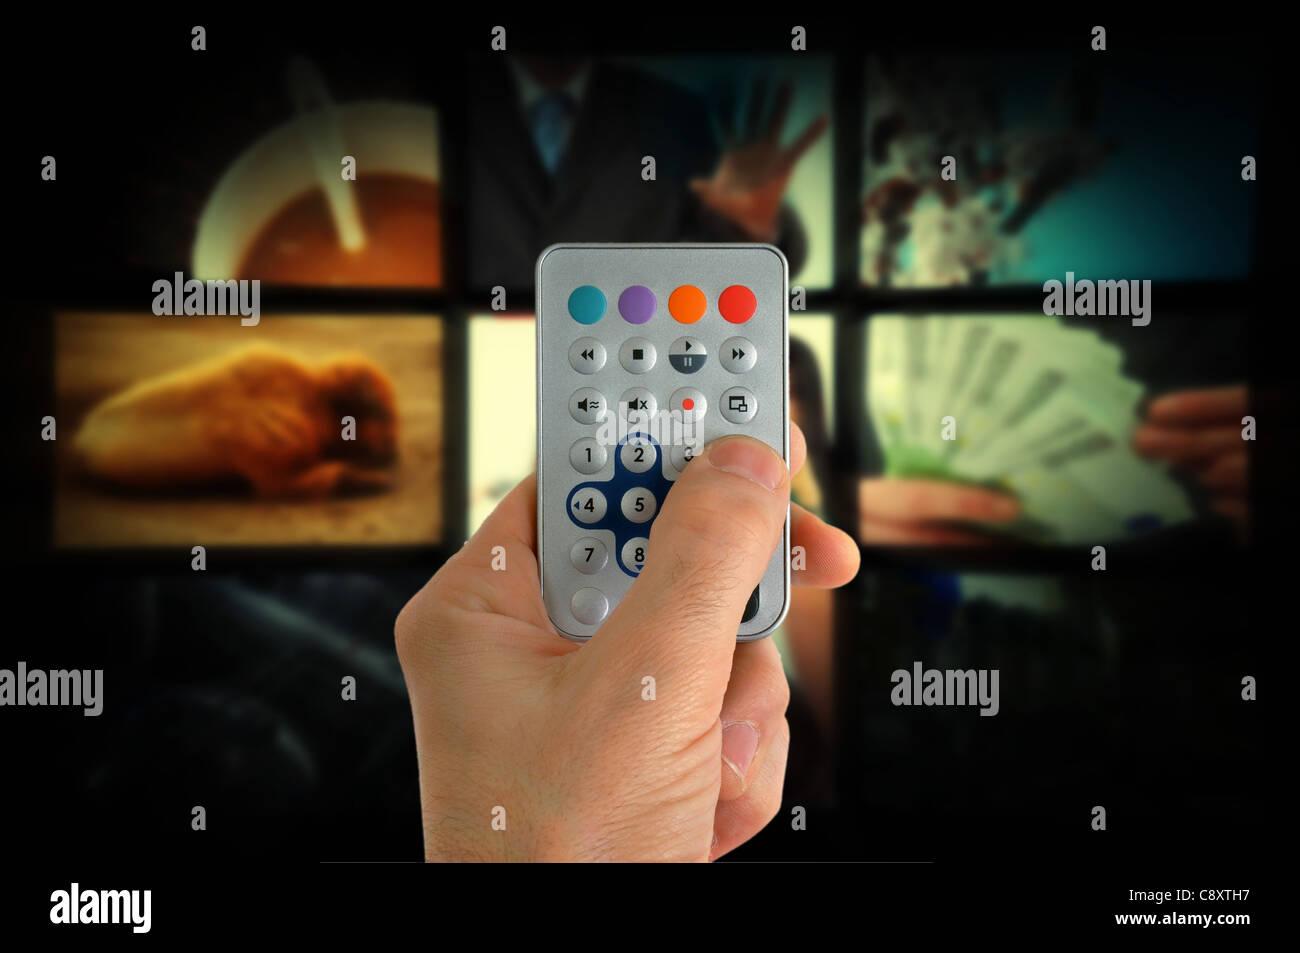 Sharp Tv Set Stock Photos & Sharp Tv Set Stock Images - Alamy